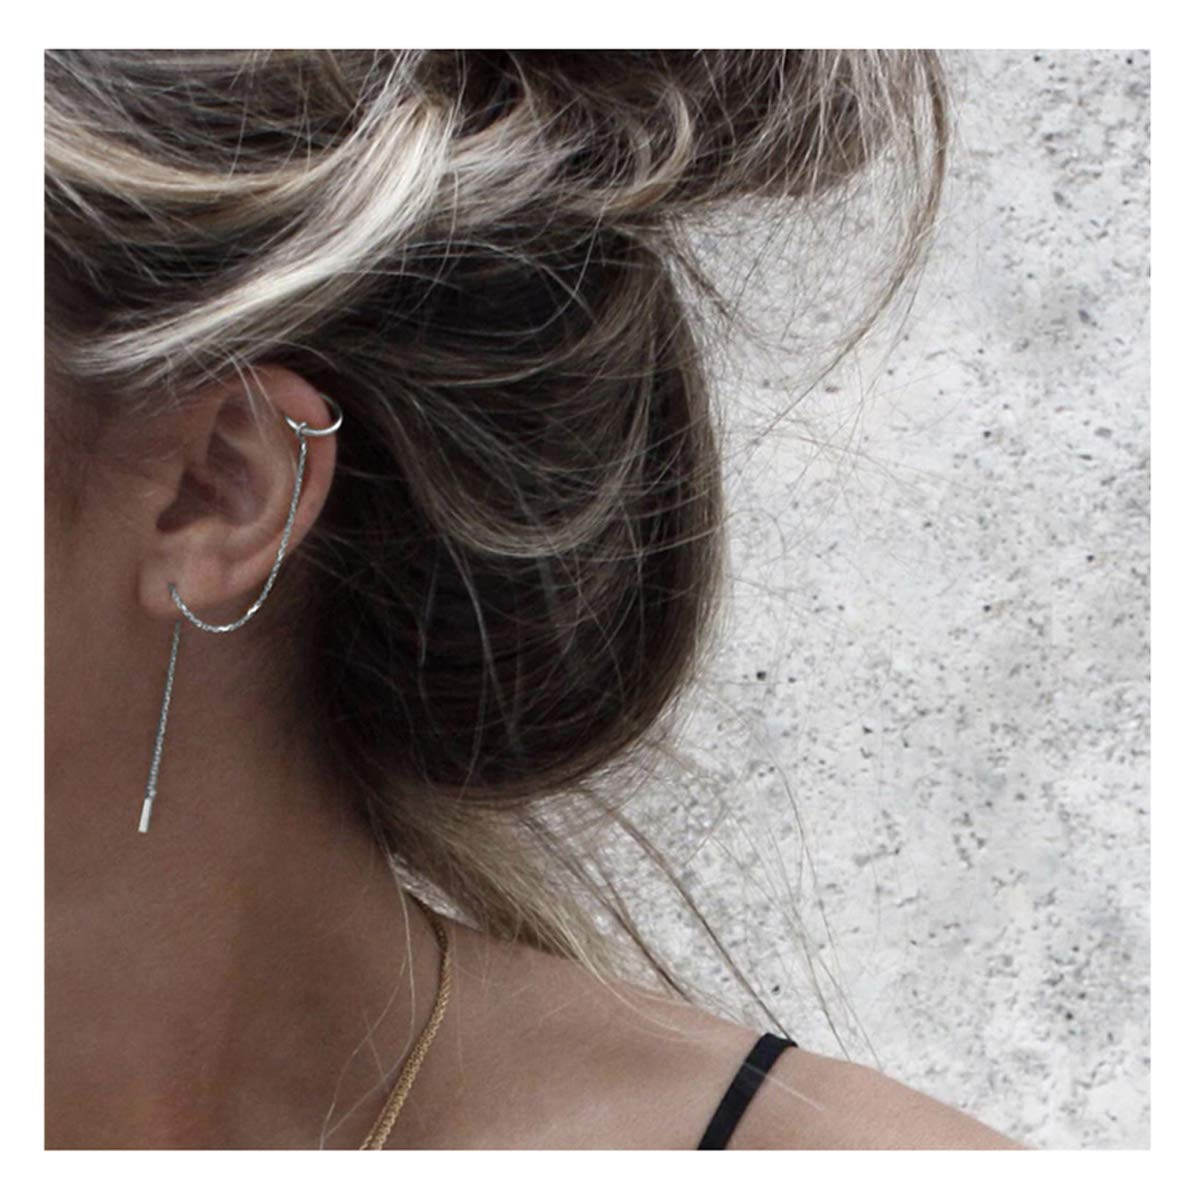 SLUYNZ 925 Sterling Silver Cuff Chain Earrings Wrap Tassel Earrings for Women Crawler Earrings (silver) by SLUYNZ